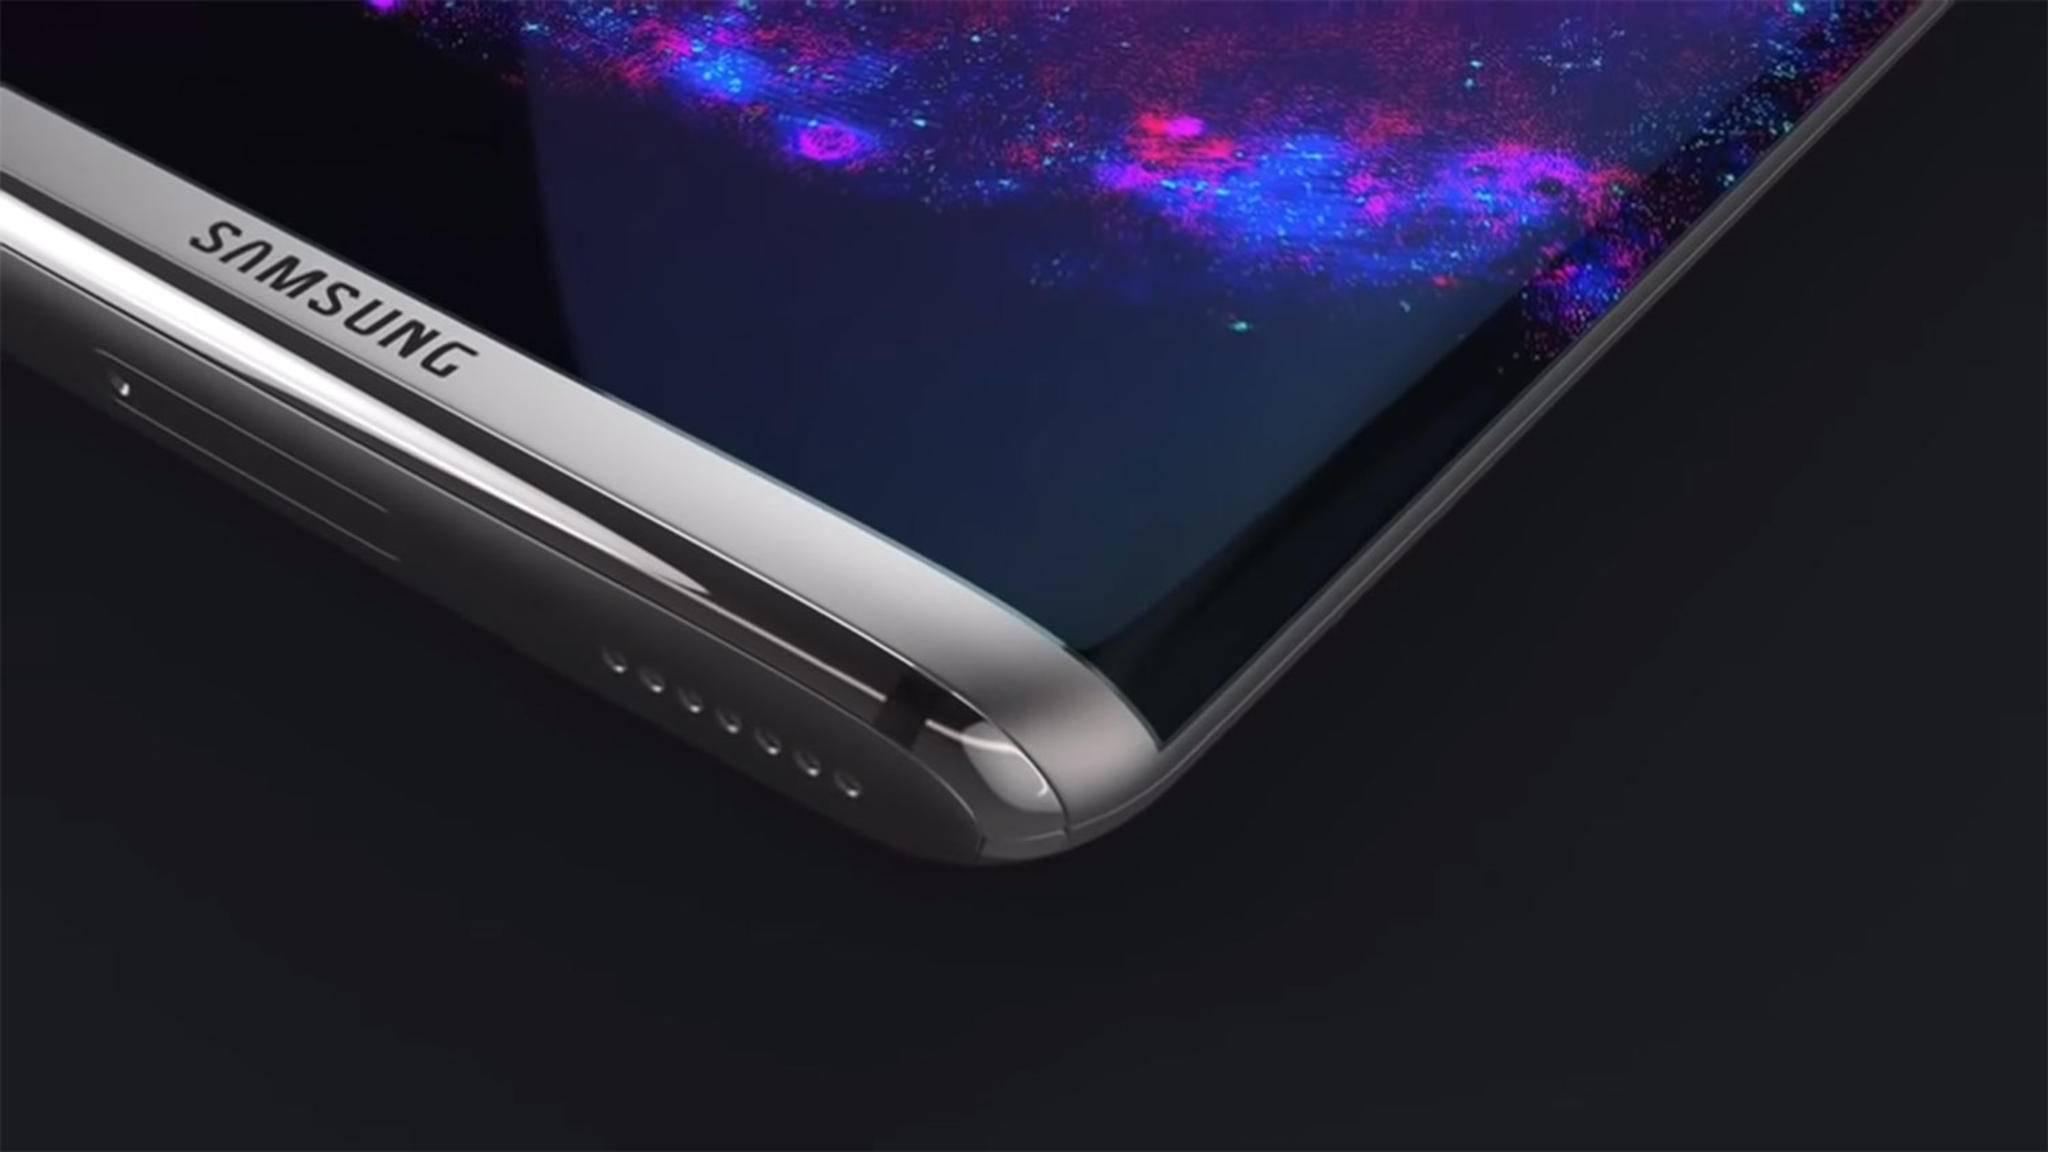 Das Galaxy S8 soll besonders dünne Display-Ränder haben.